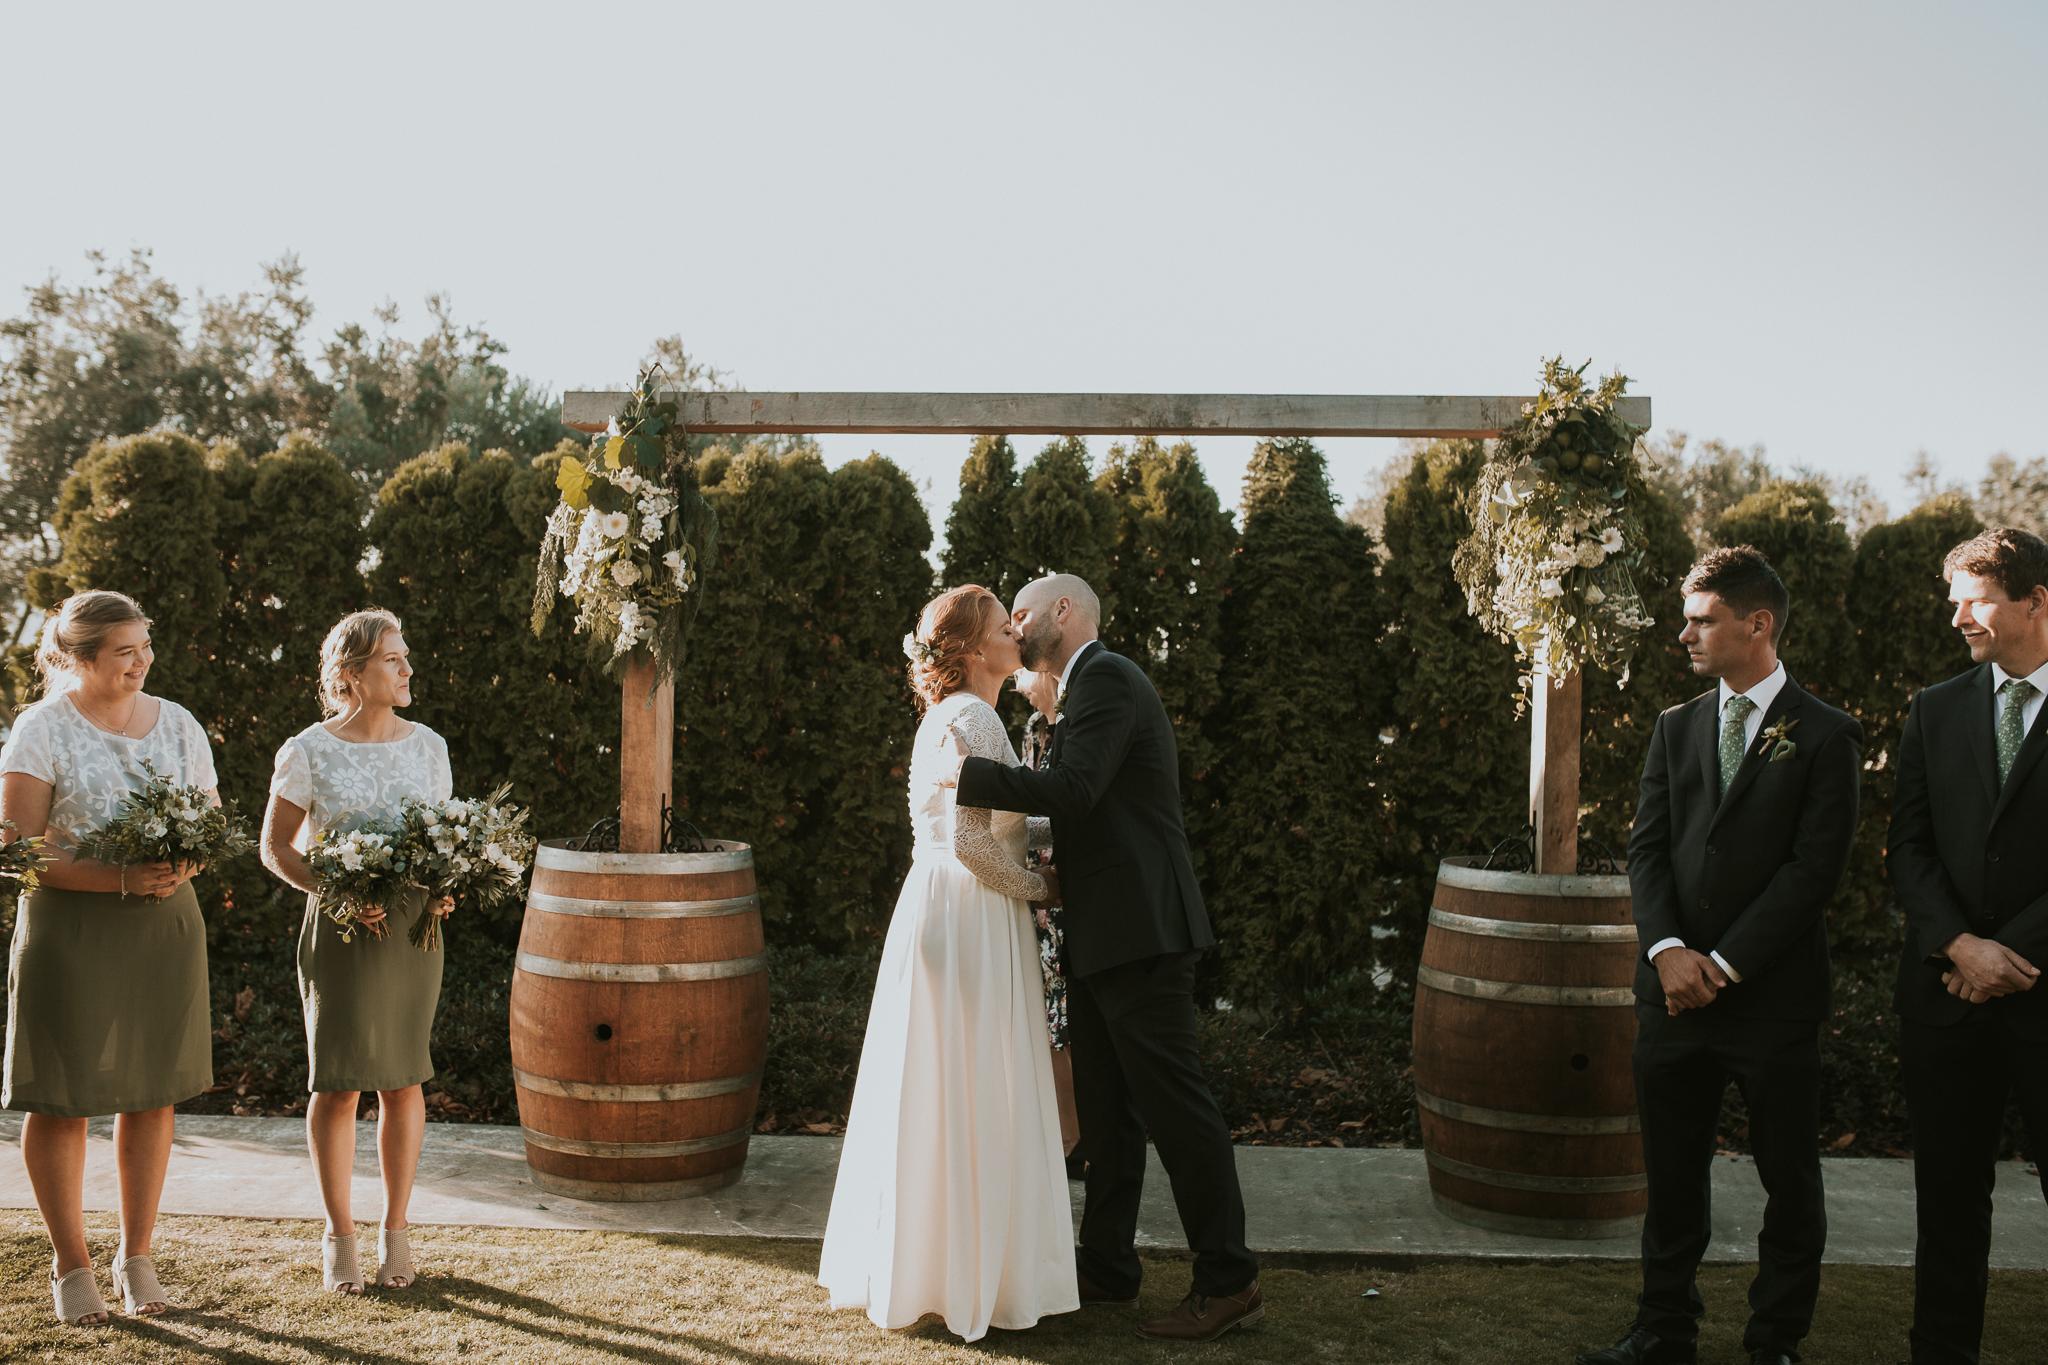 wedding photographer hawkes bay , Lisa Fisher Photography, Selini Winery Wedding -315.jpg